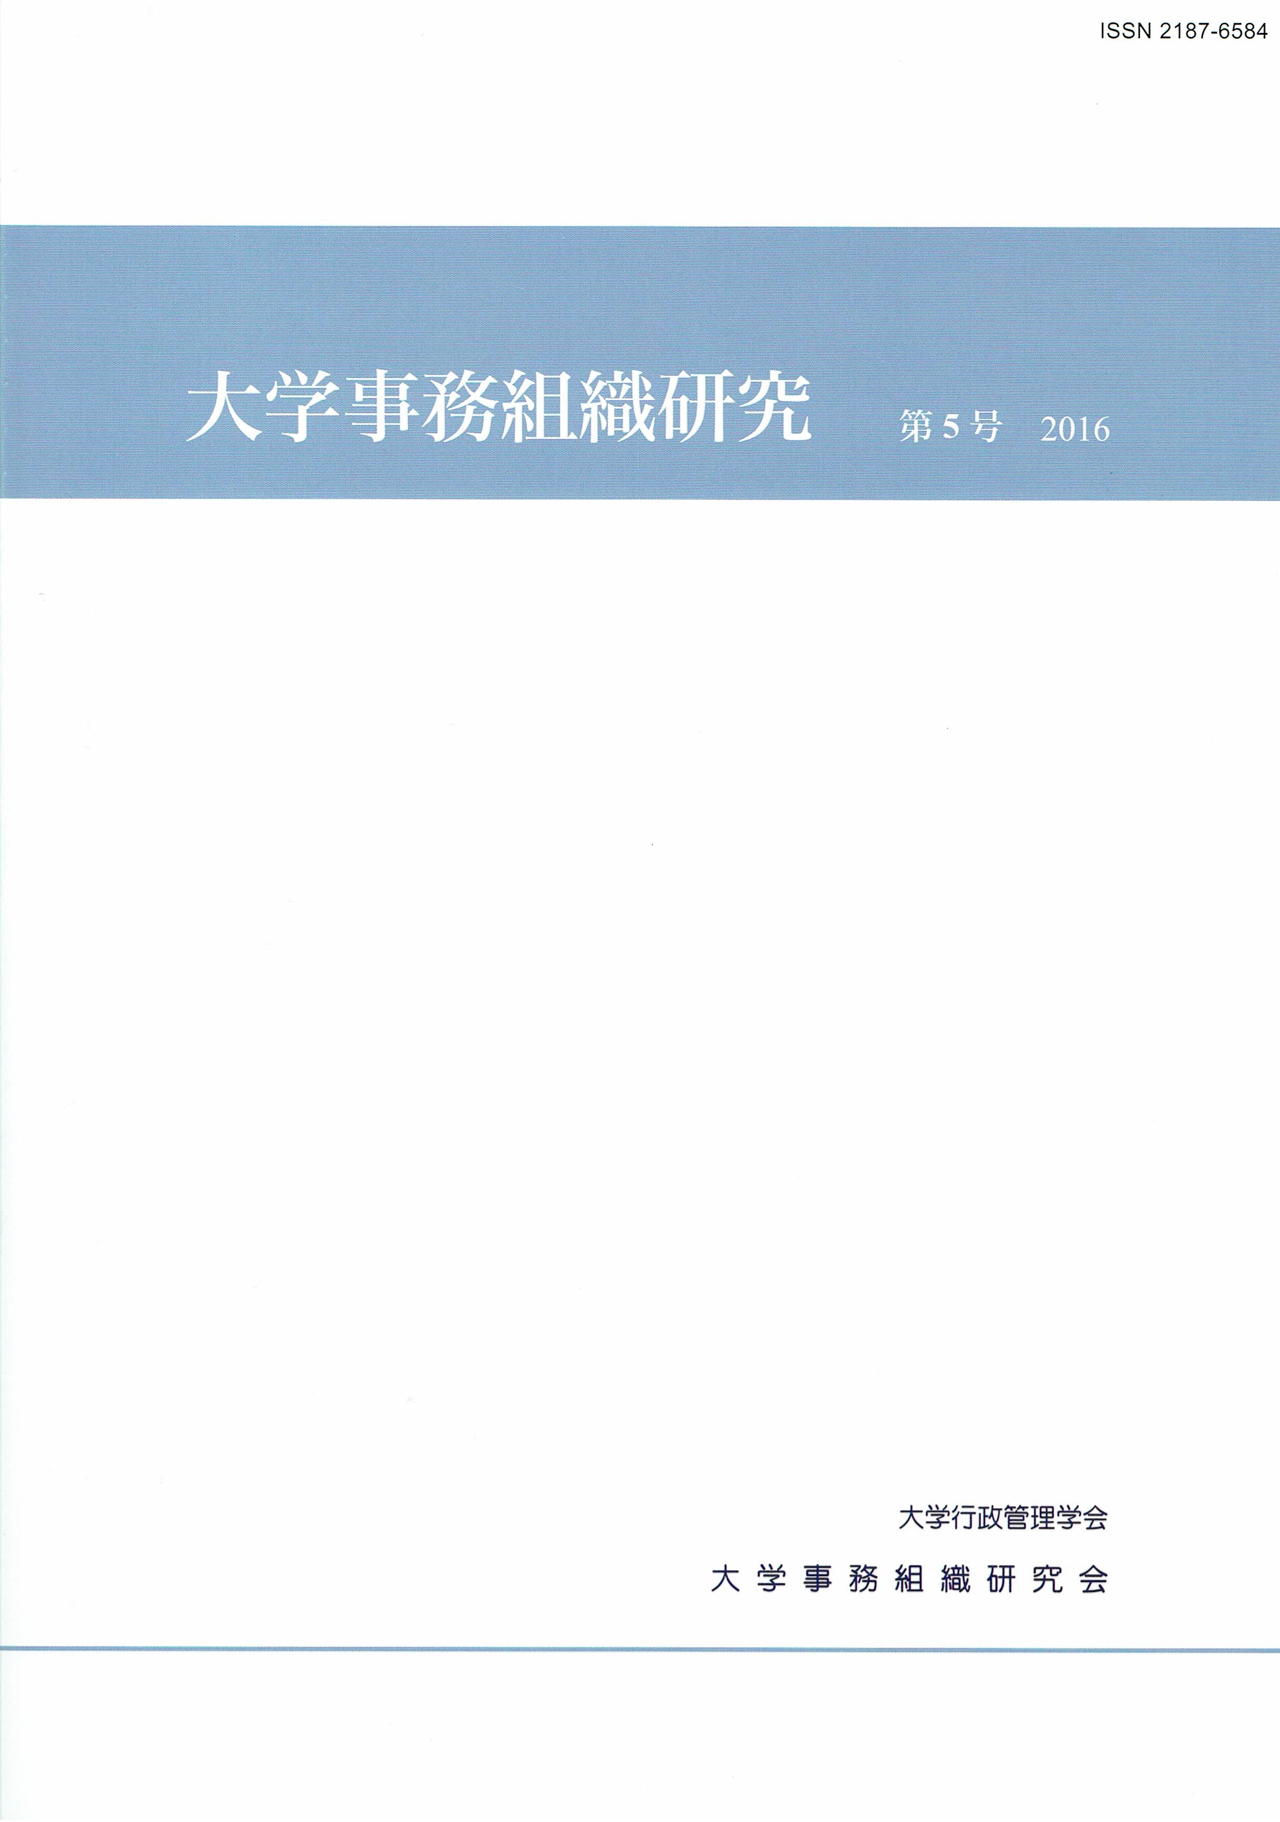 大学行政管理学会「大学事務組織研究(第5号)」論文掲載イメージ